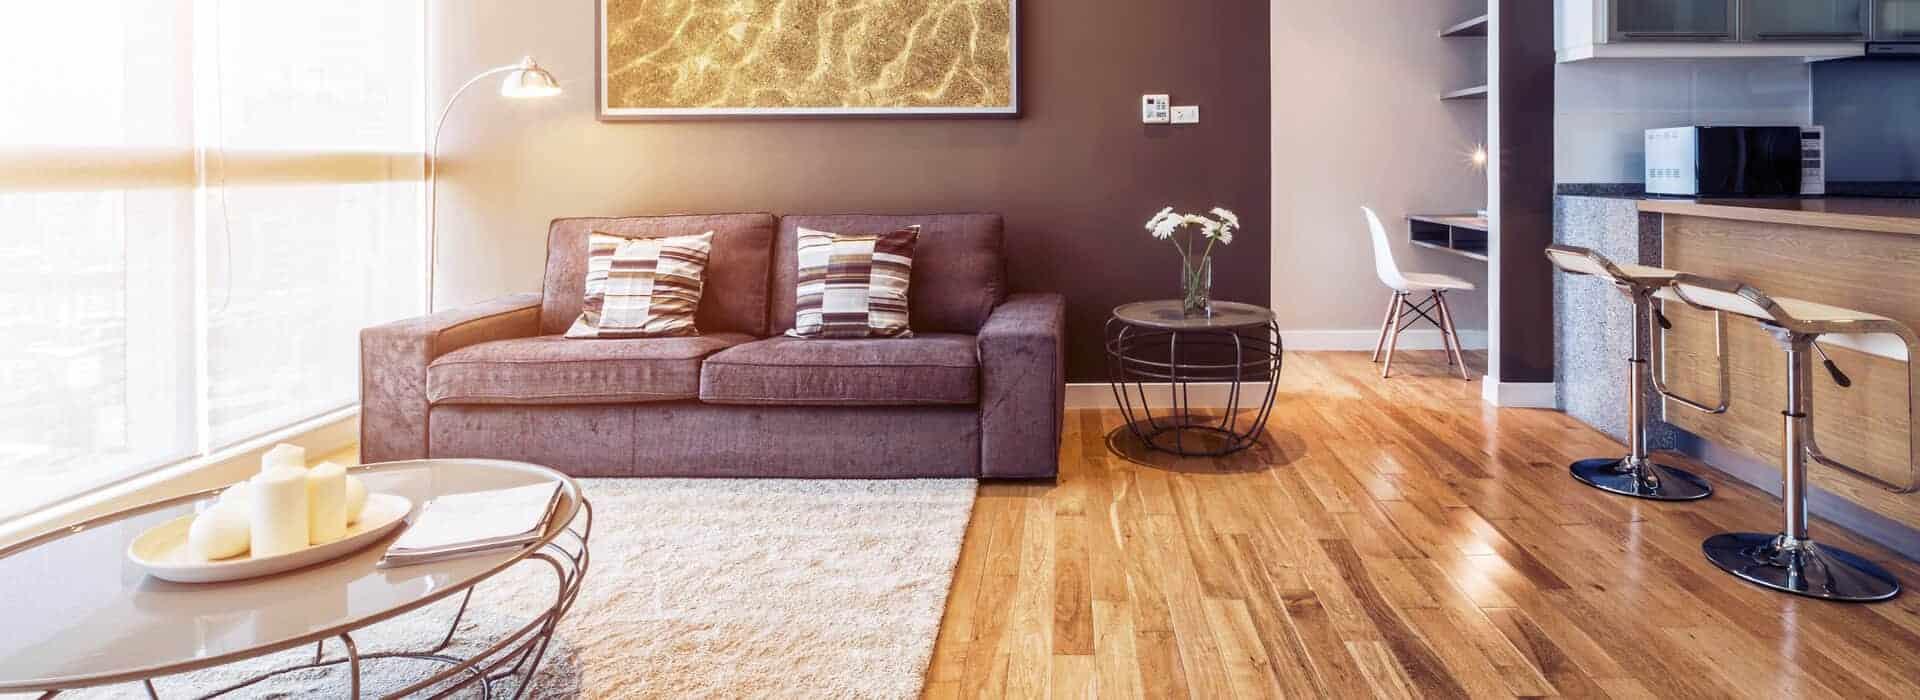 שטיחי שאגי - לאן הם מתאימים?